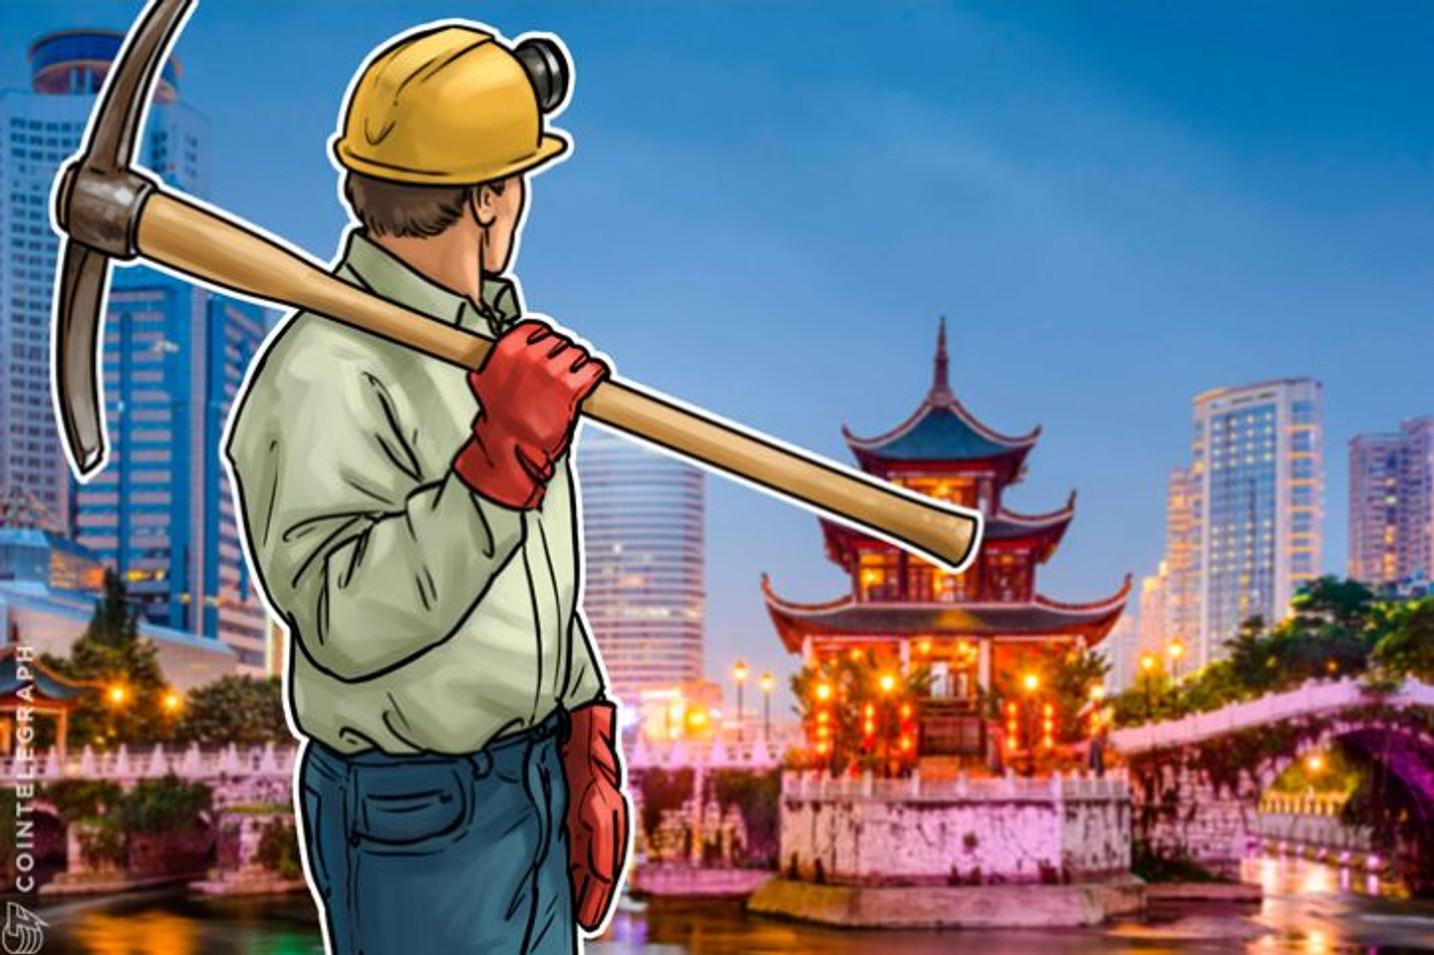 間もなく取引所が閉鎖、中国のマイナーは不安に駆られる